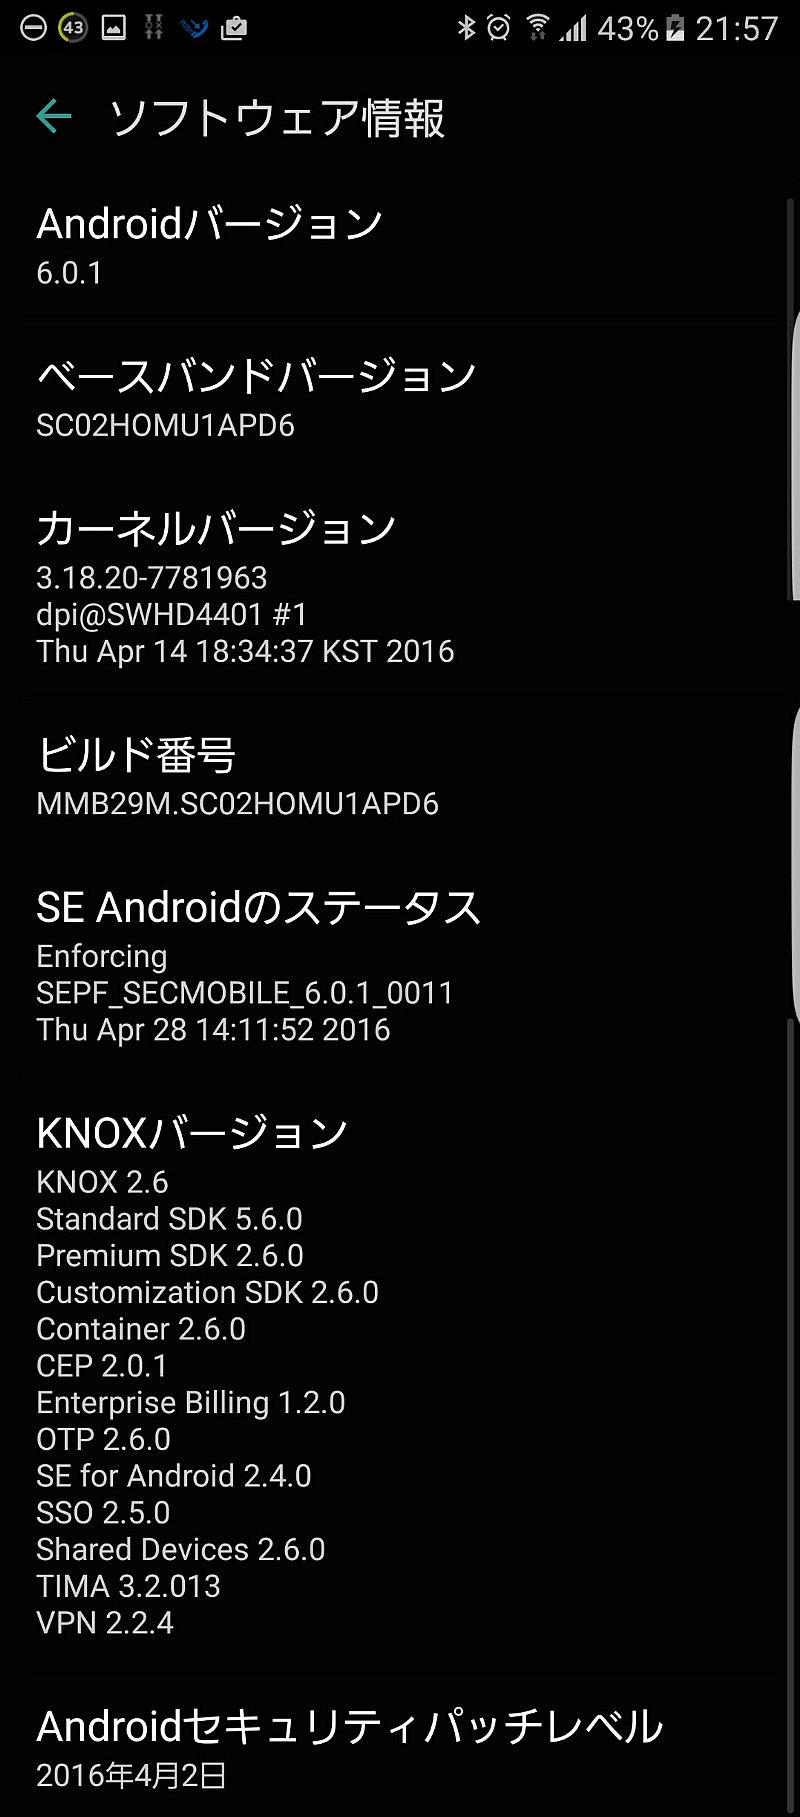 ドコモ版Galaxy S7 edgeのアップデート前のセキュリティパッチレベル